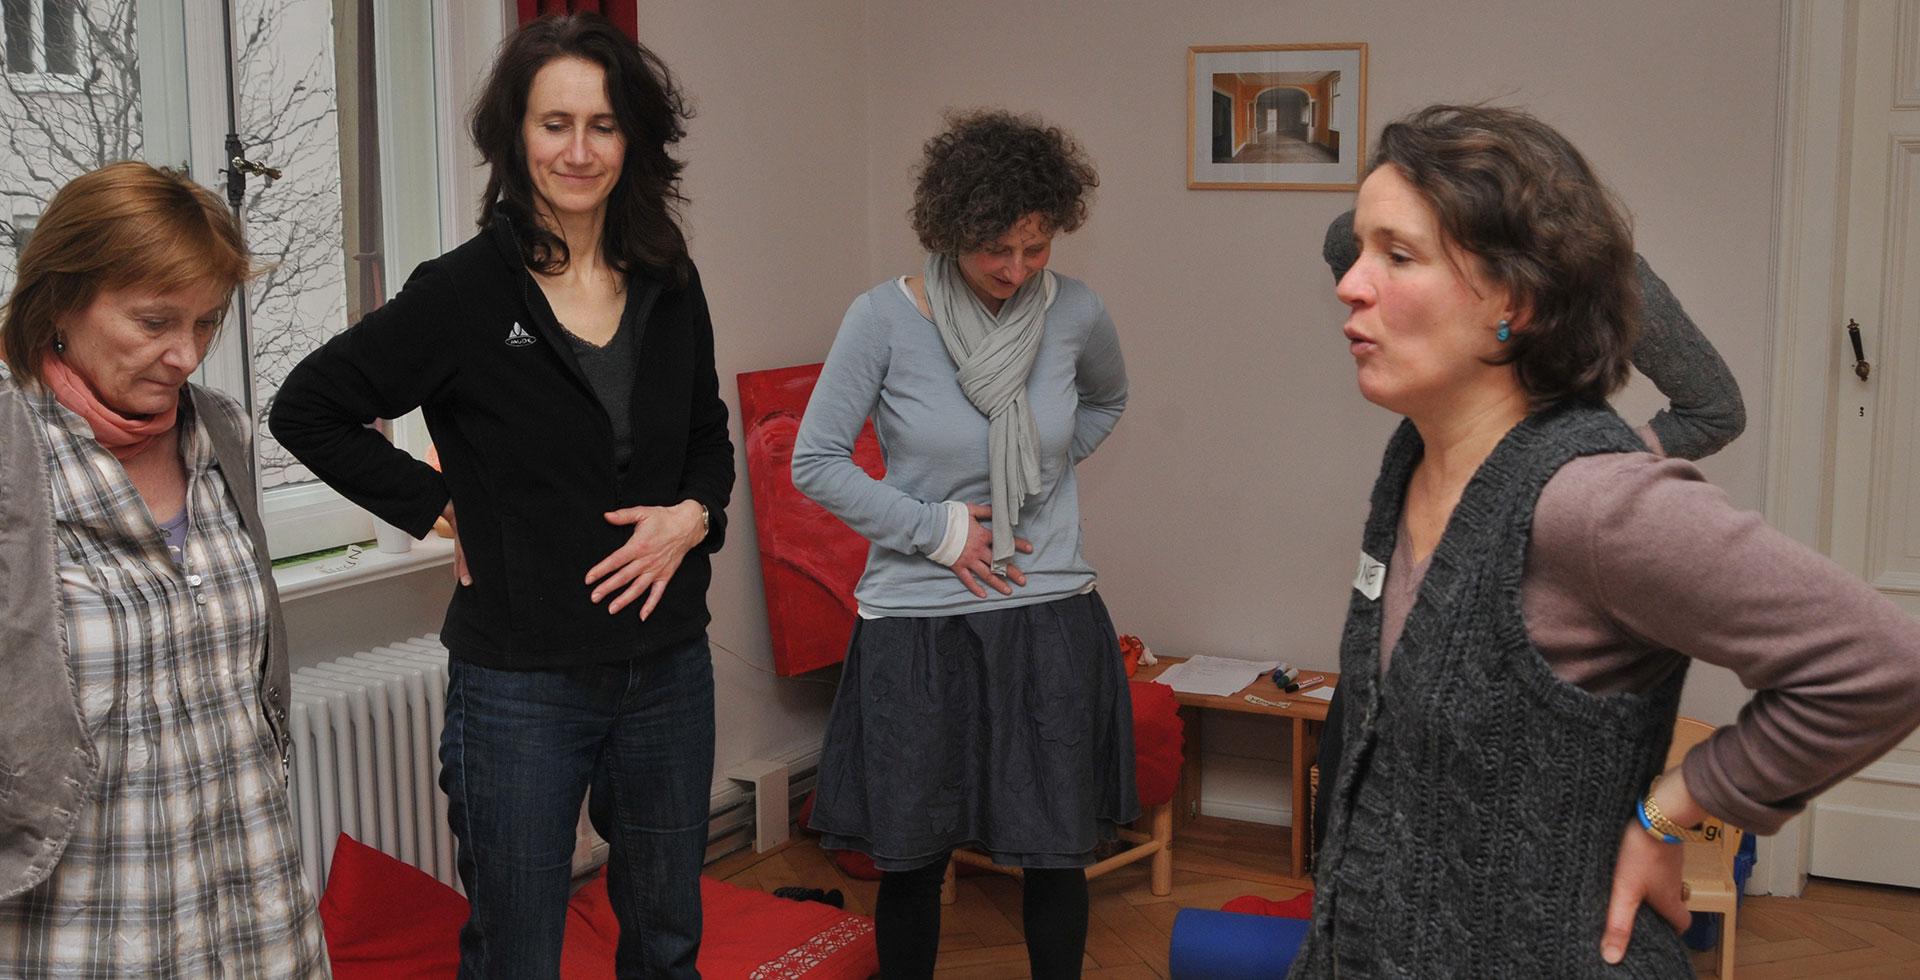 Sprech-Stimm-Workshops Impressionen SPIEL & WORTE Esslingen